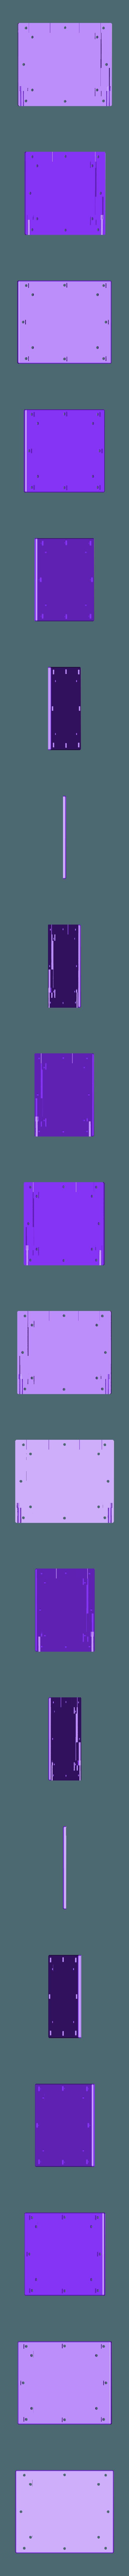 Control_pack-bottom.stl Télécharger fichier STL gratuit Blinkini (Dessus de l'obturateur LCD) • Design pour impression 3D, SexyCyborg